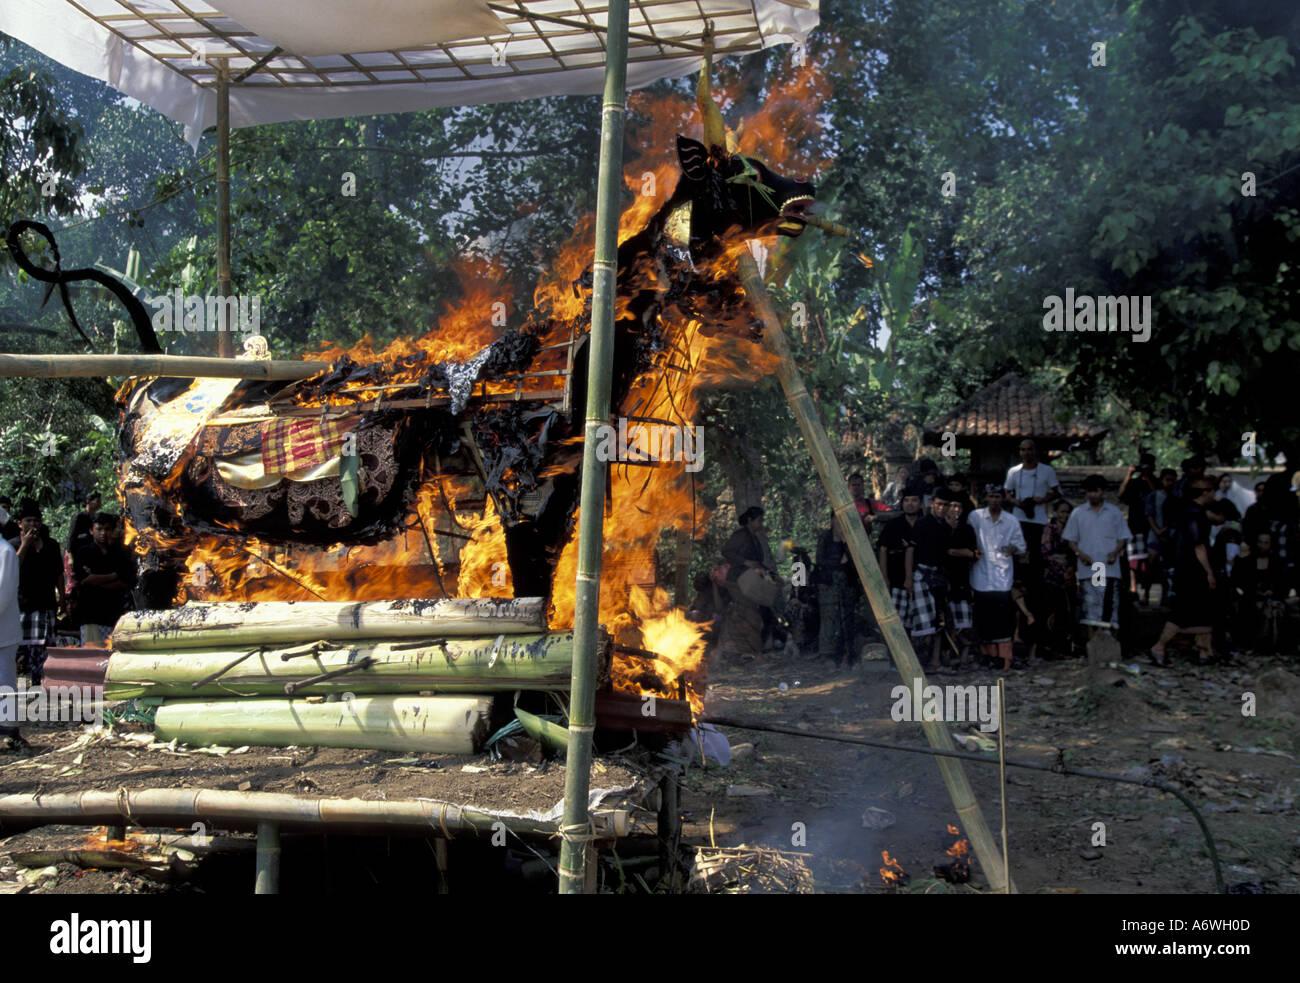 Asia Indonesia Bali, Gianyar. Pira funeraria brucia a cerimonia Indù Foto  Immagine Stock